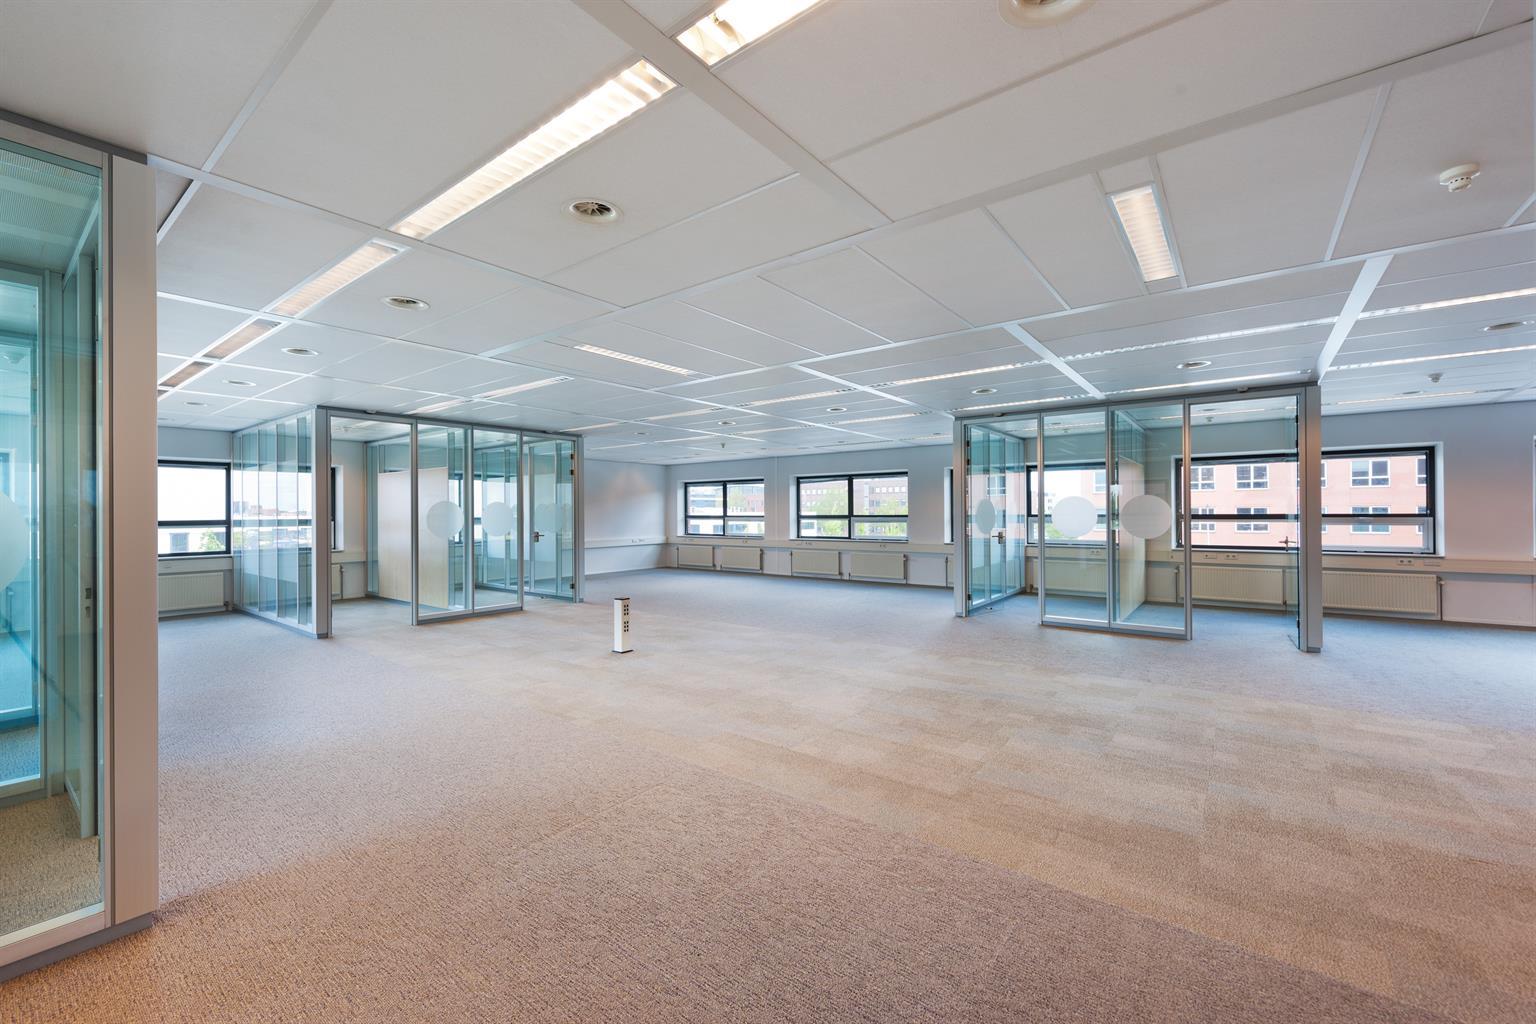 Kantoor En Meer : De customer care u kantoor en bedrijfsruimte huren in eindhoven